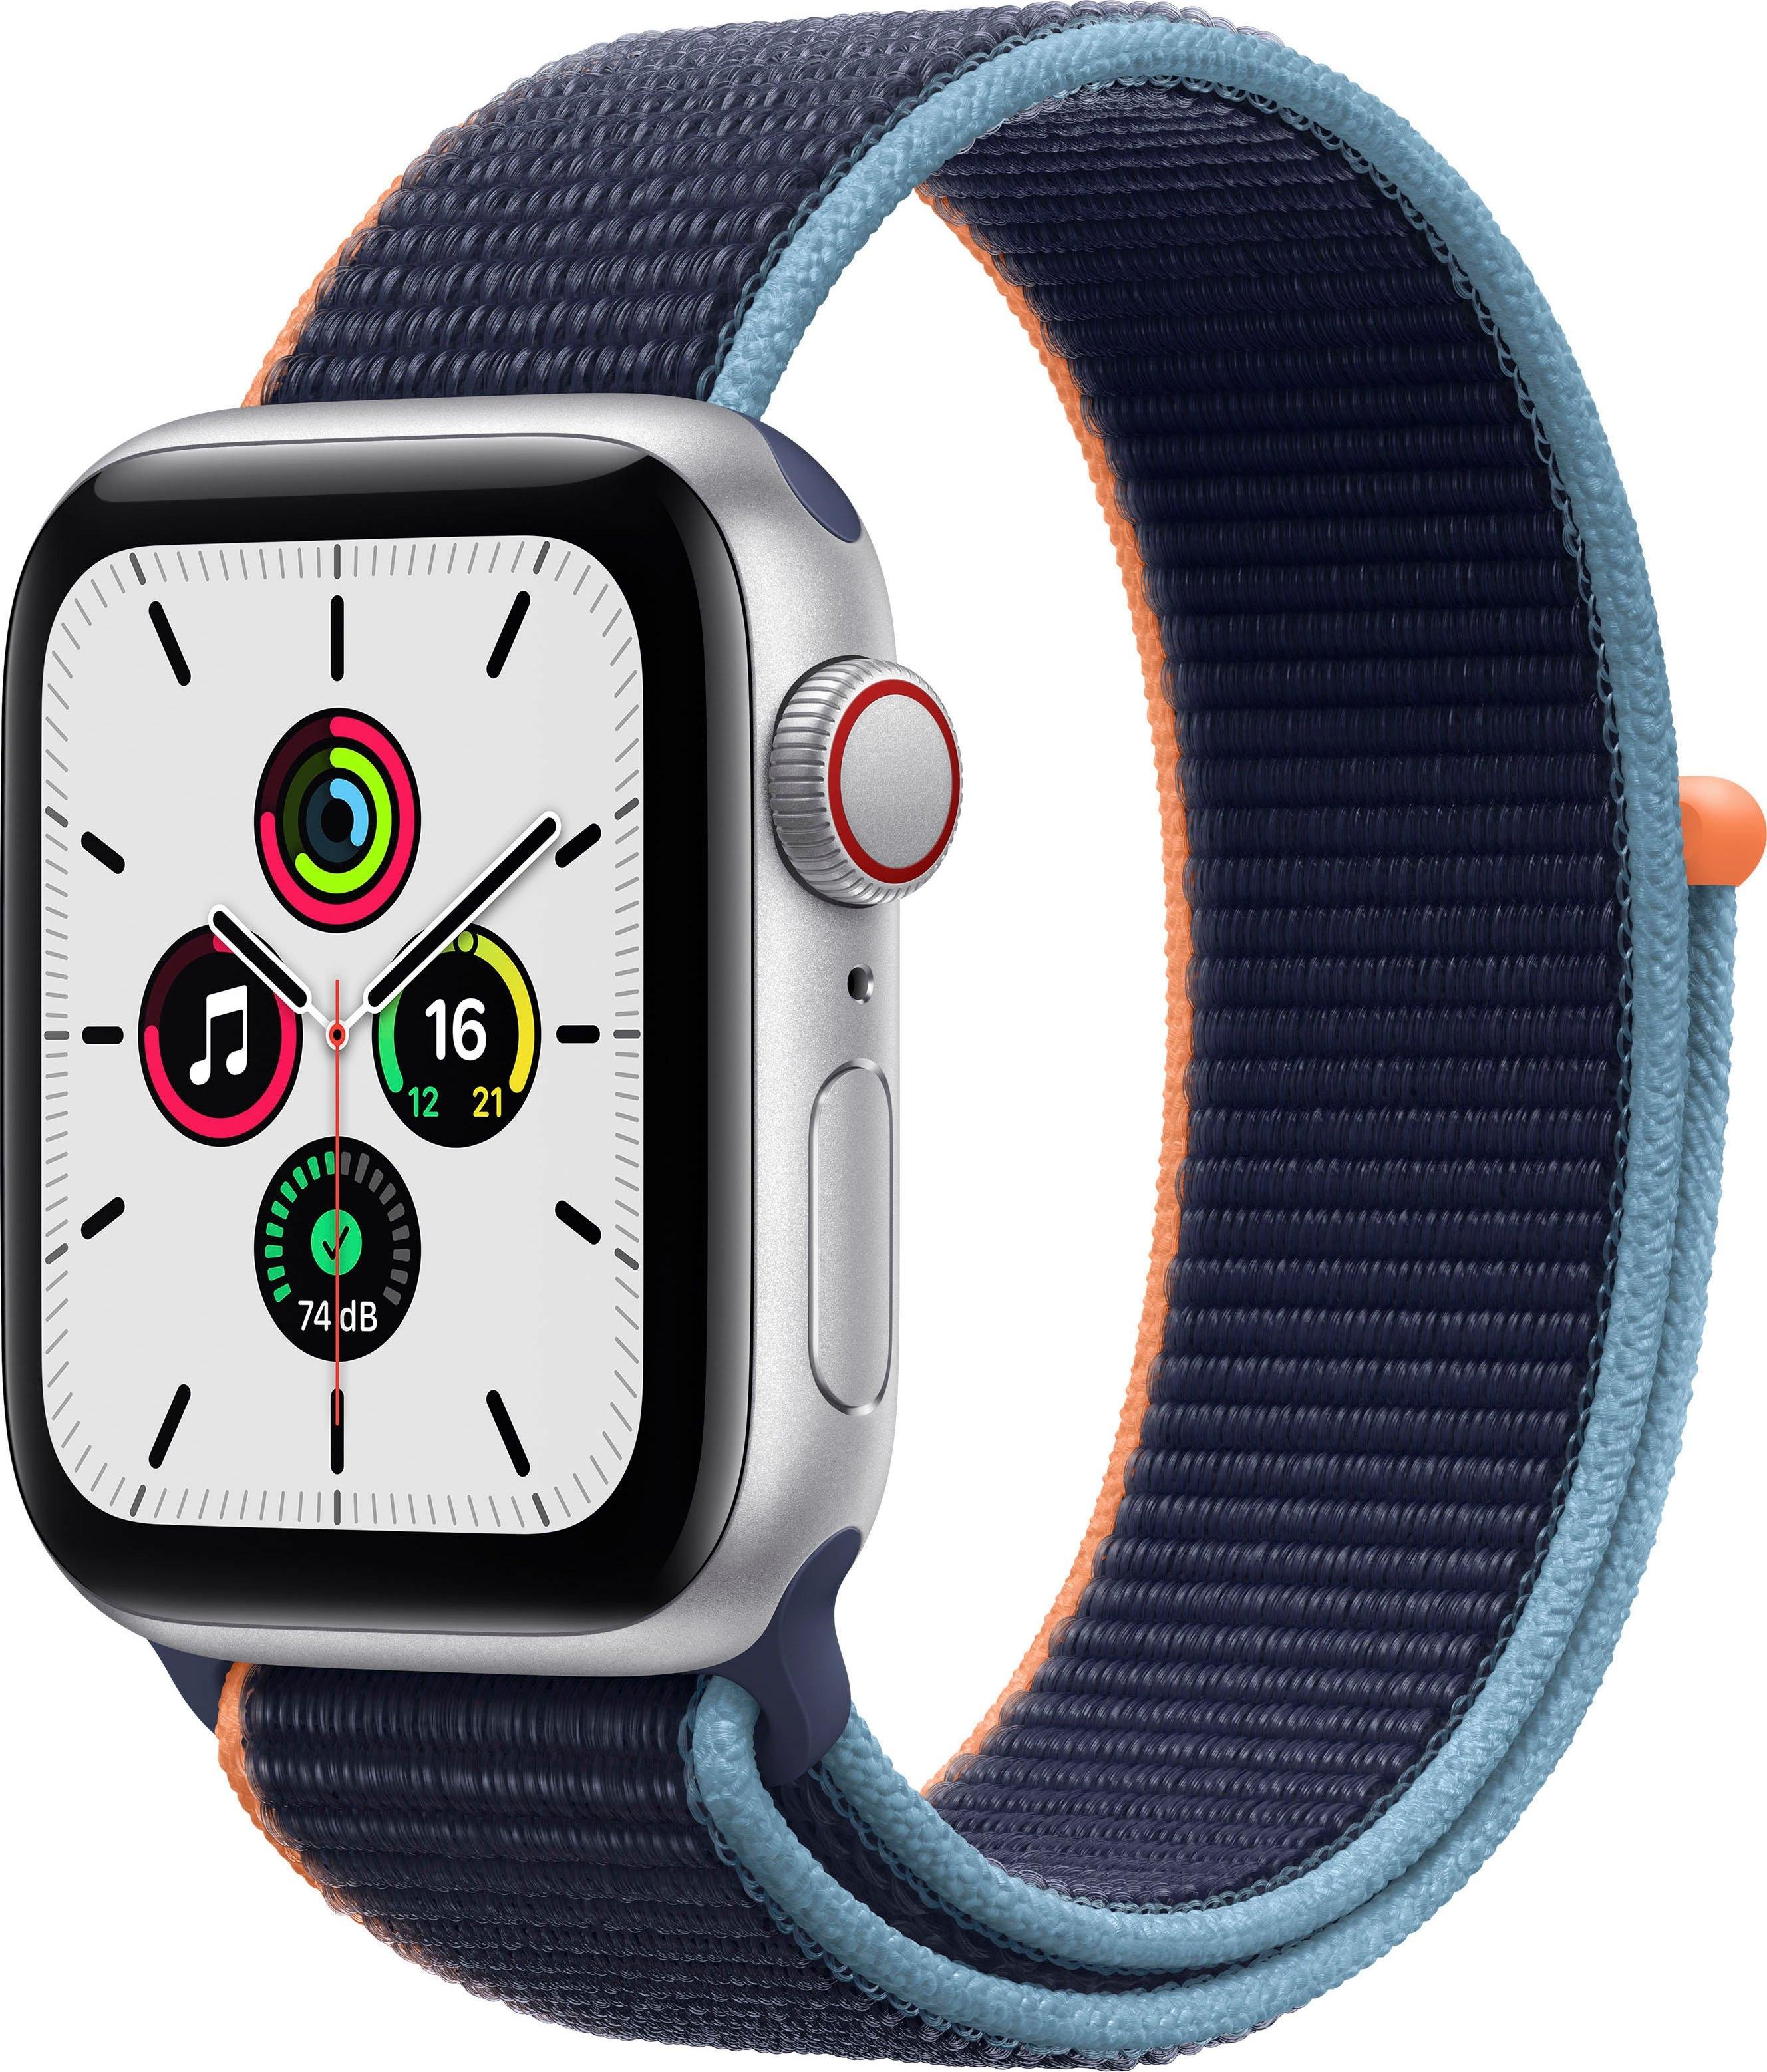 Apple smartwatch SE gps + Cellular, aluminium kast met sport loop 40 mm inclusief oplaadstation (magnetische oplaadkabel) veilig op otto.nl kopen